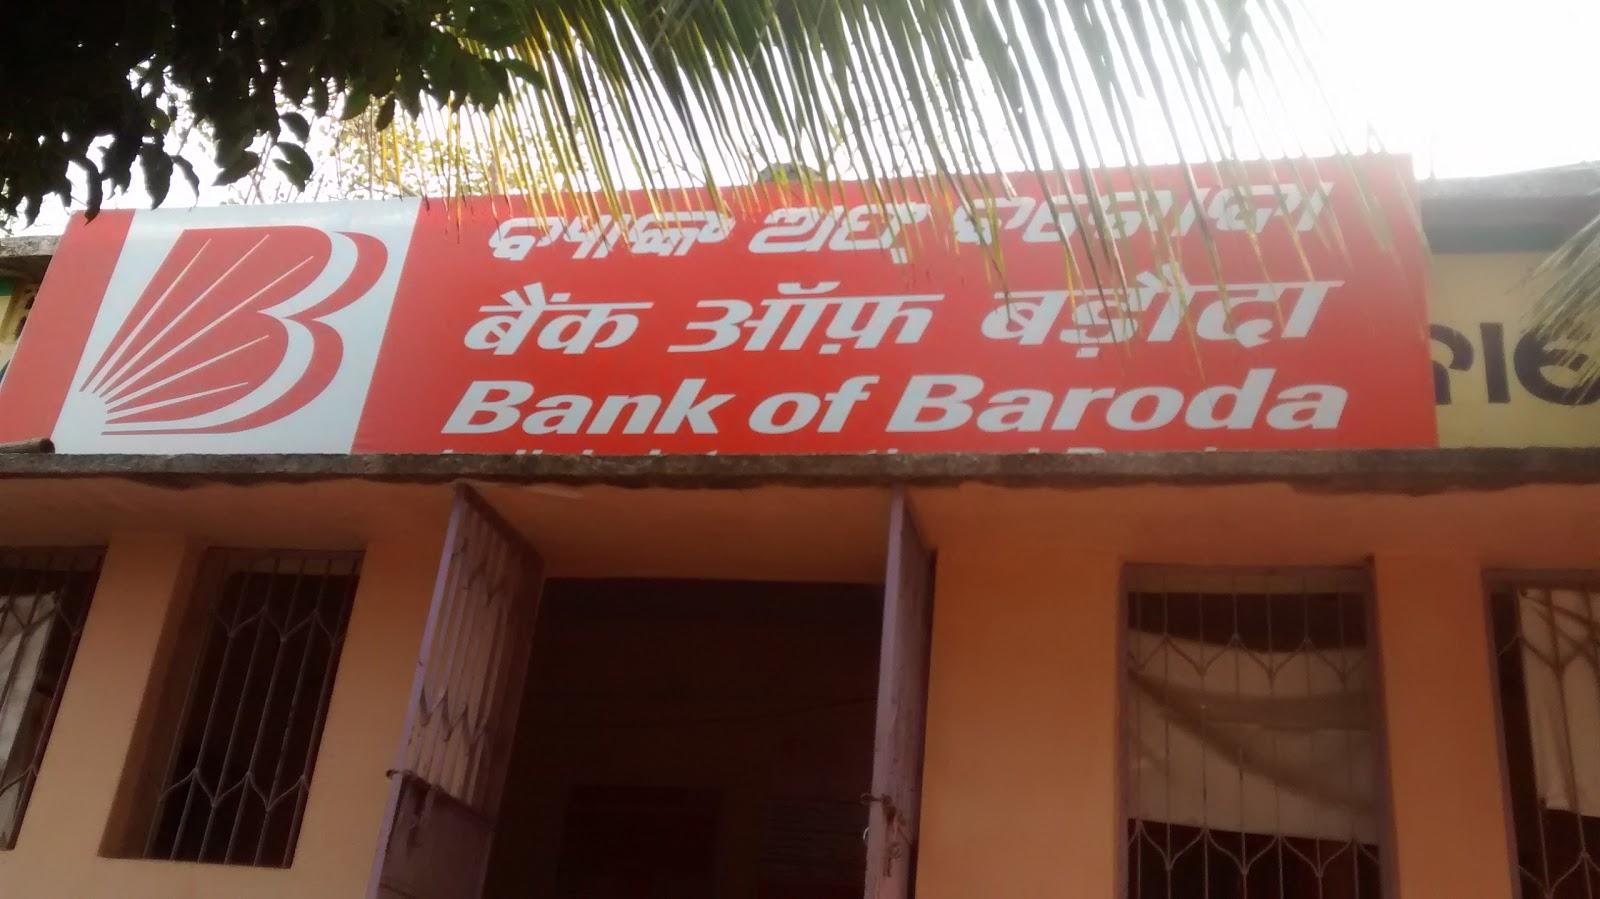 blood bank Bank Of Baroda near Samukapatna Odisha